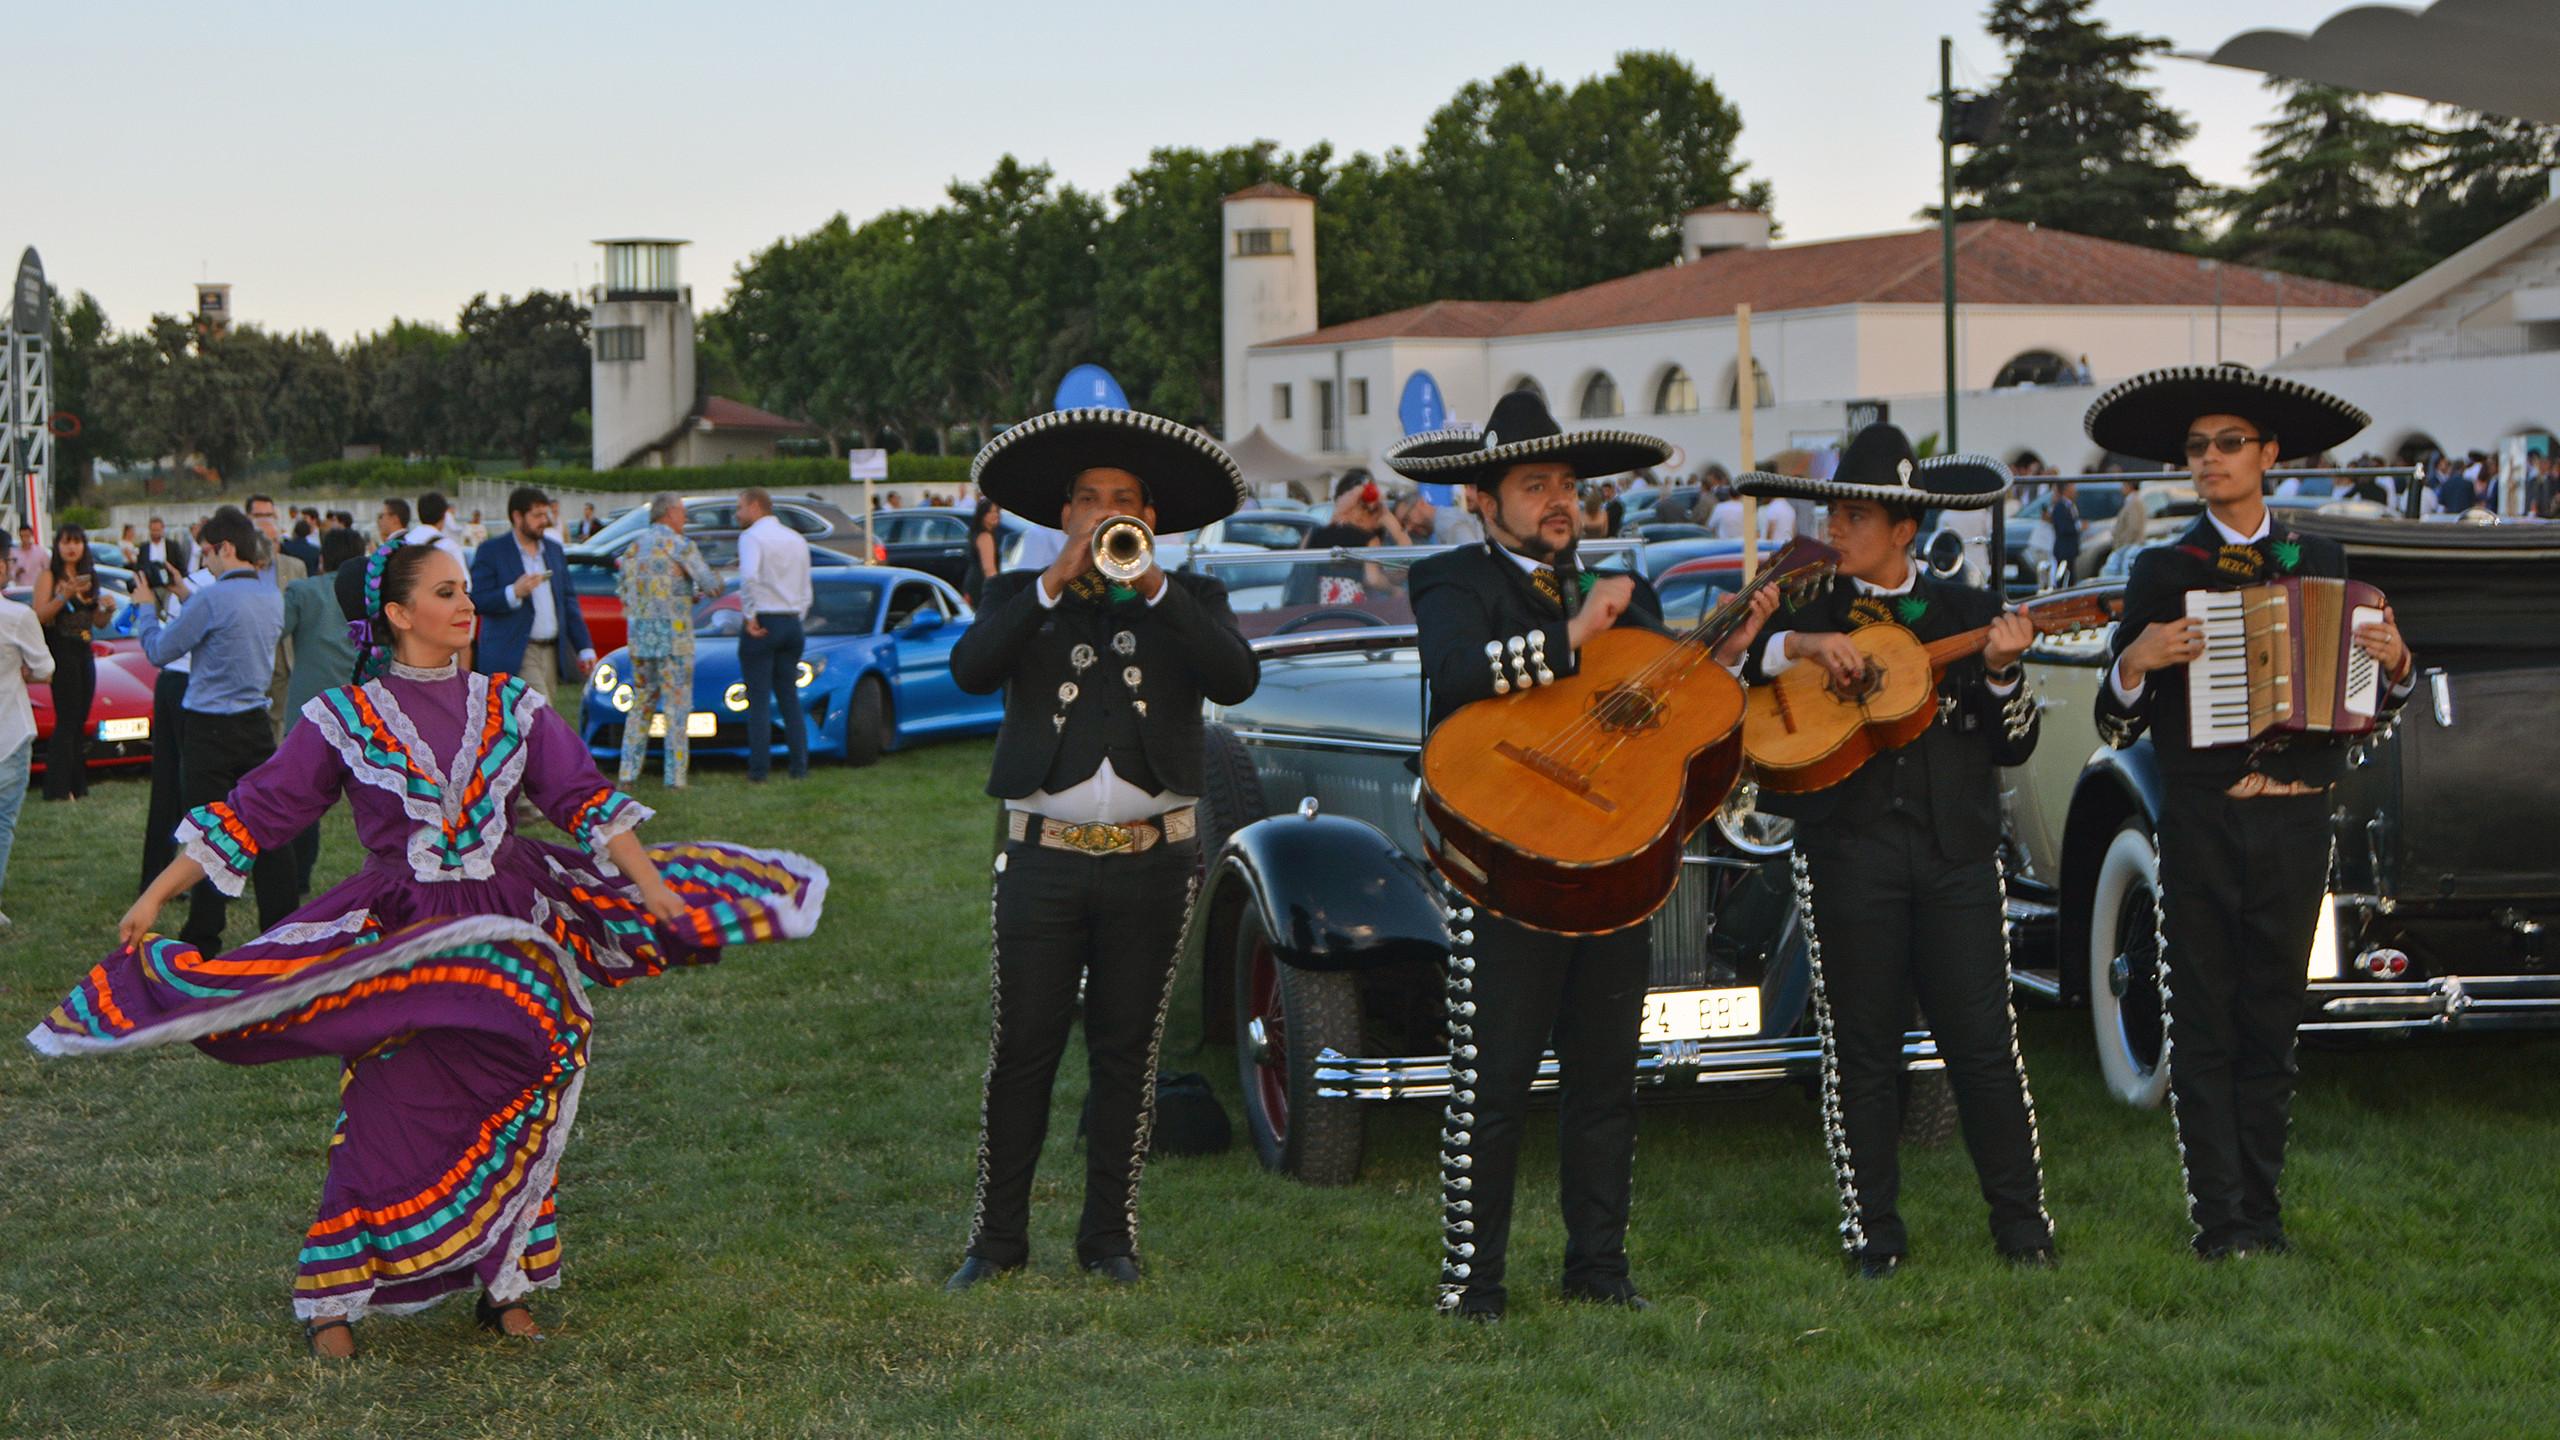 Los mariachis le dieron un toque más 'internacional' al evento.